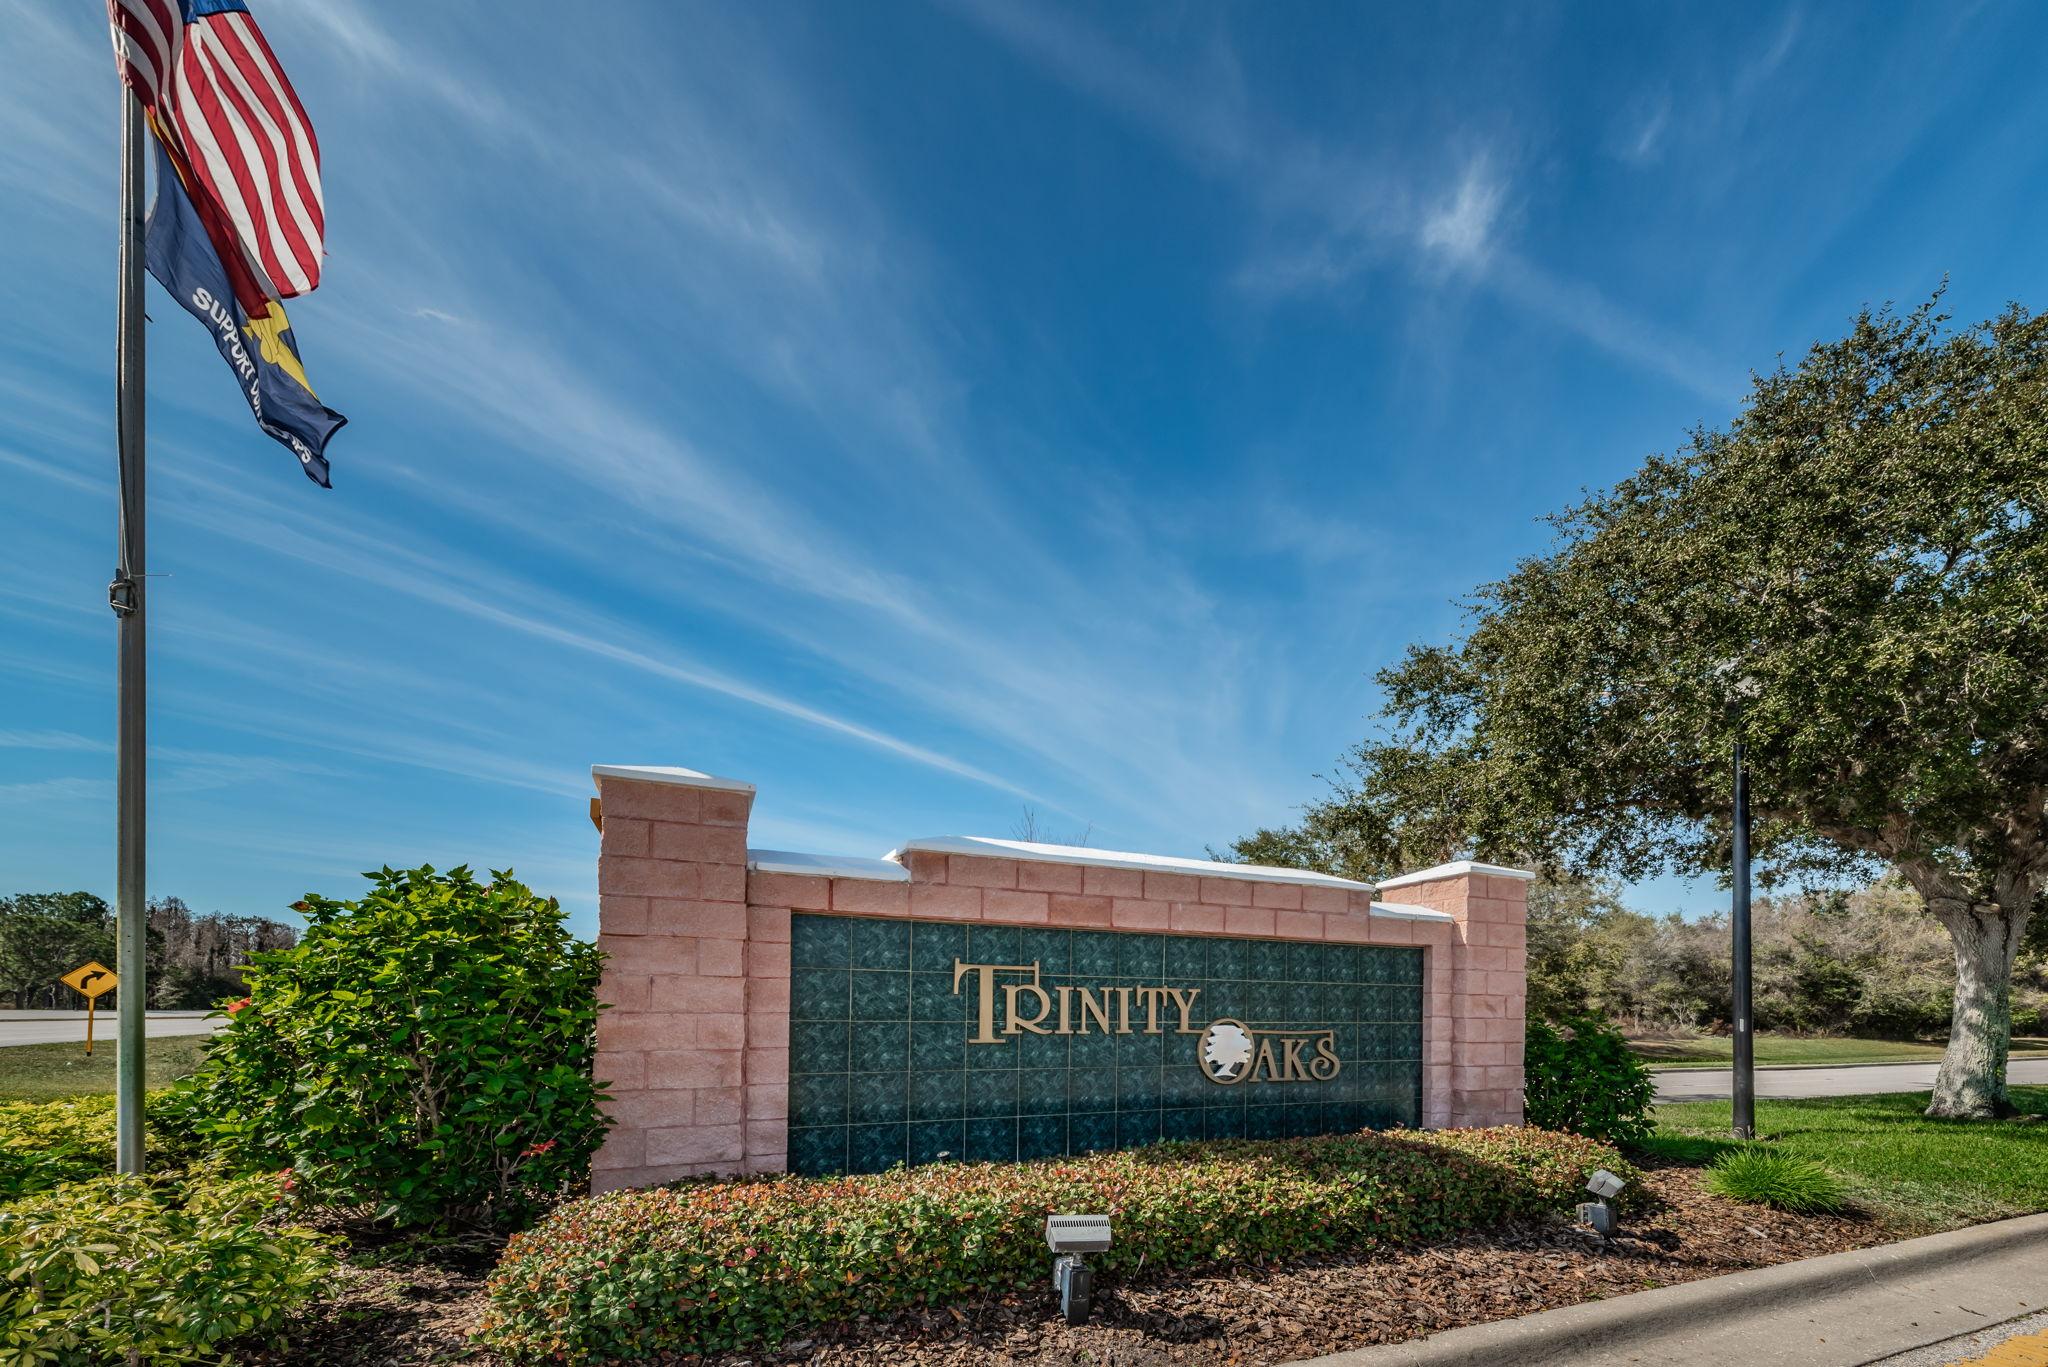 1-Trinity Oaks